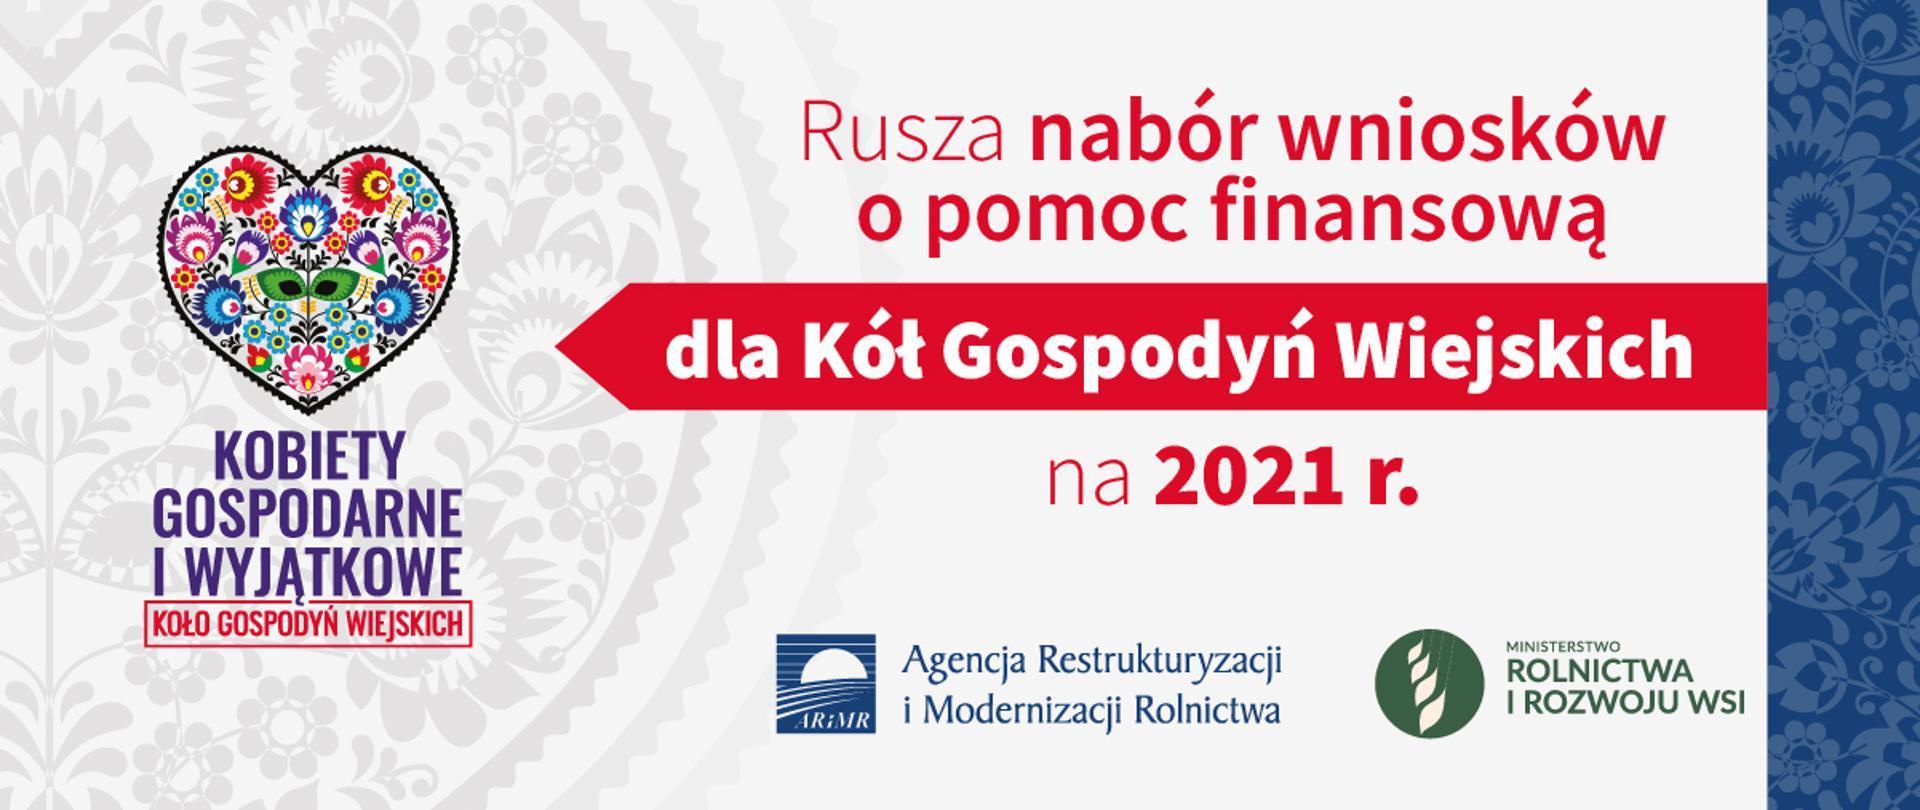 Infografika - rusza nabór wniosków o pomoc finansową dla Kół Gospodyń Wiejskich na 2021 r.